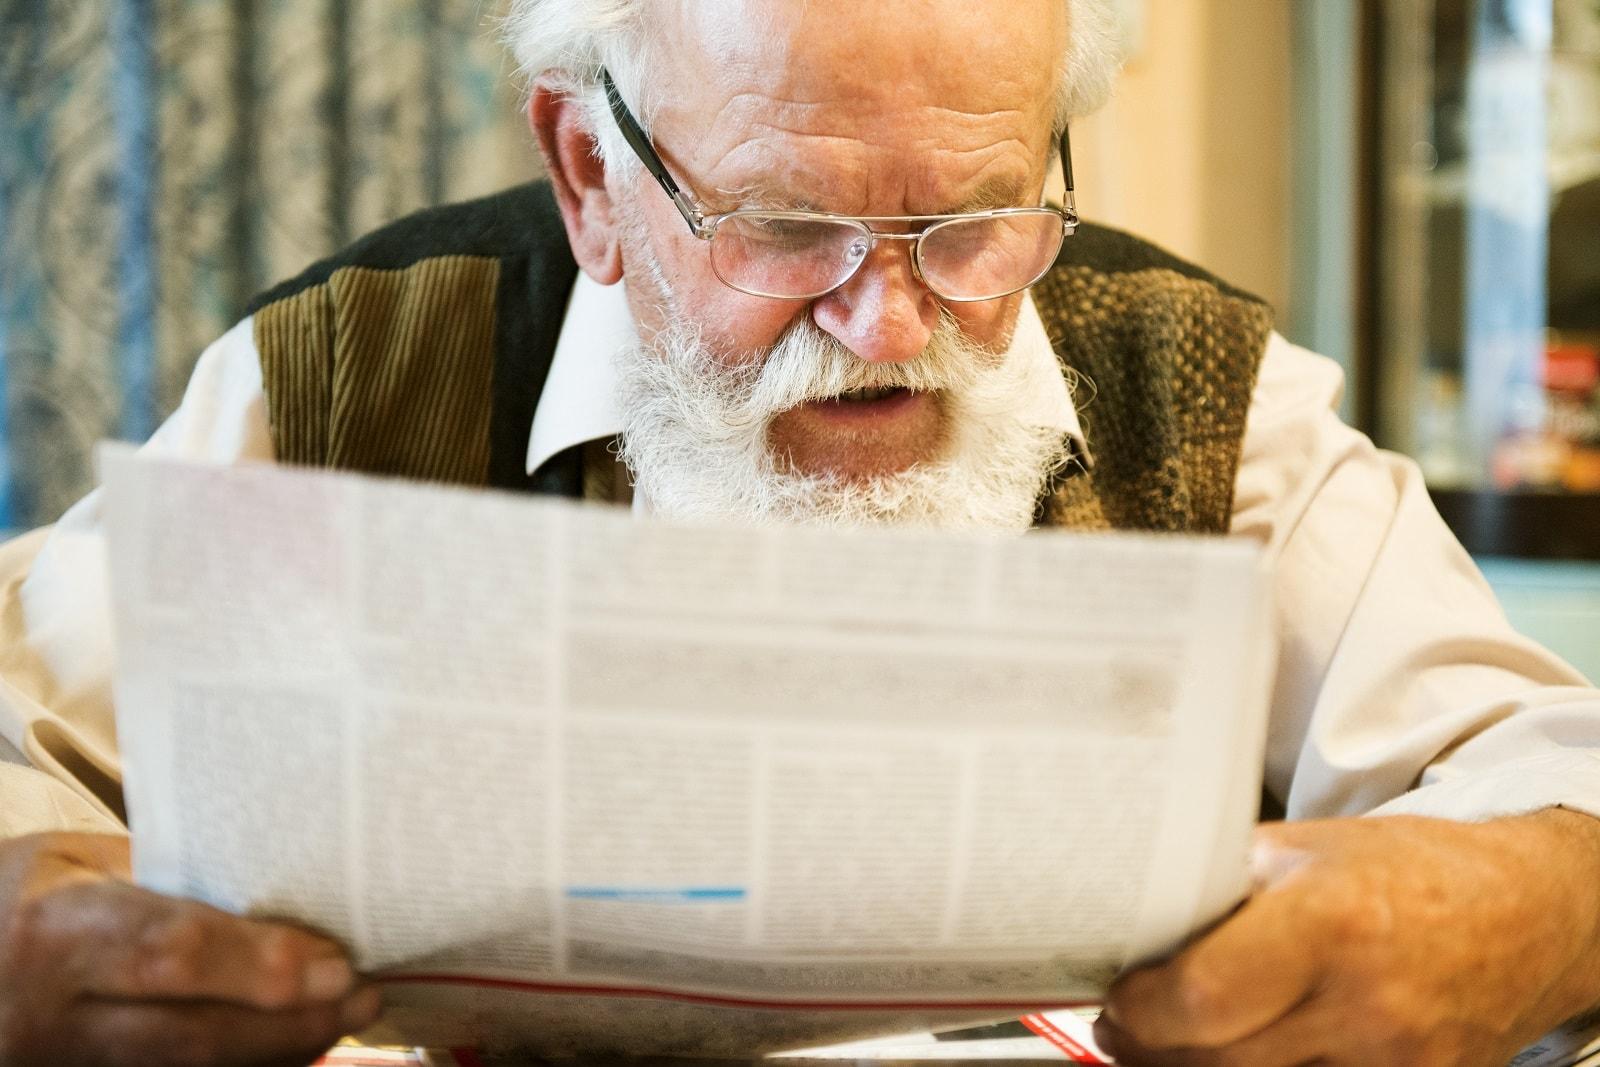 Как найти родственника в одном из домов престарелых орловской области дом престарелых пос.монтажный